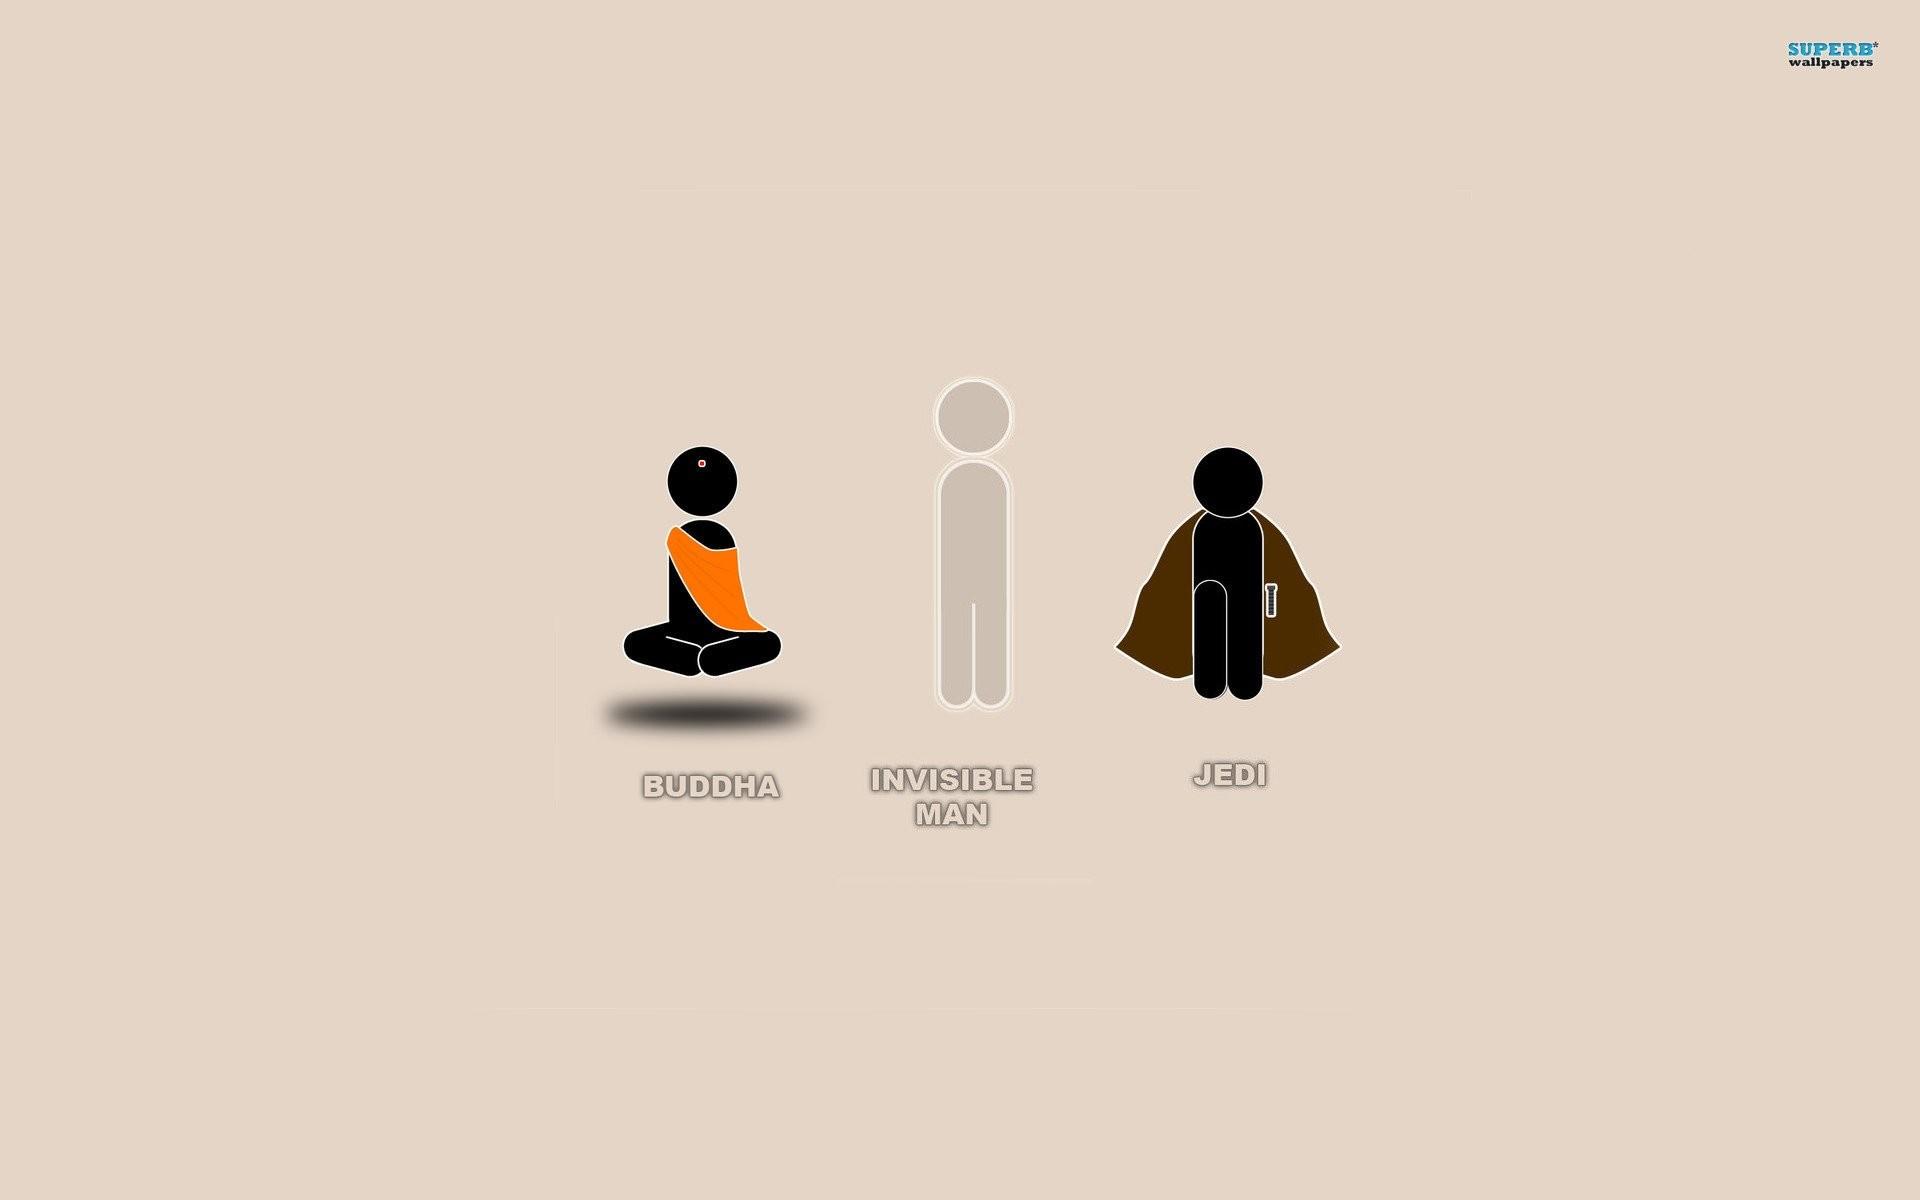 … buddha invisible man and jedi 444373 walldevil …